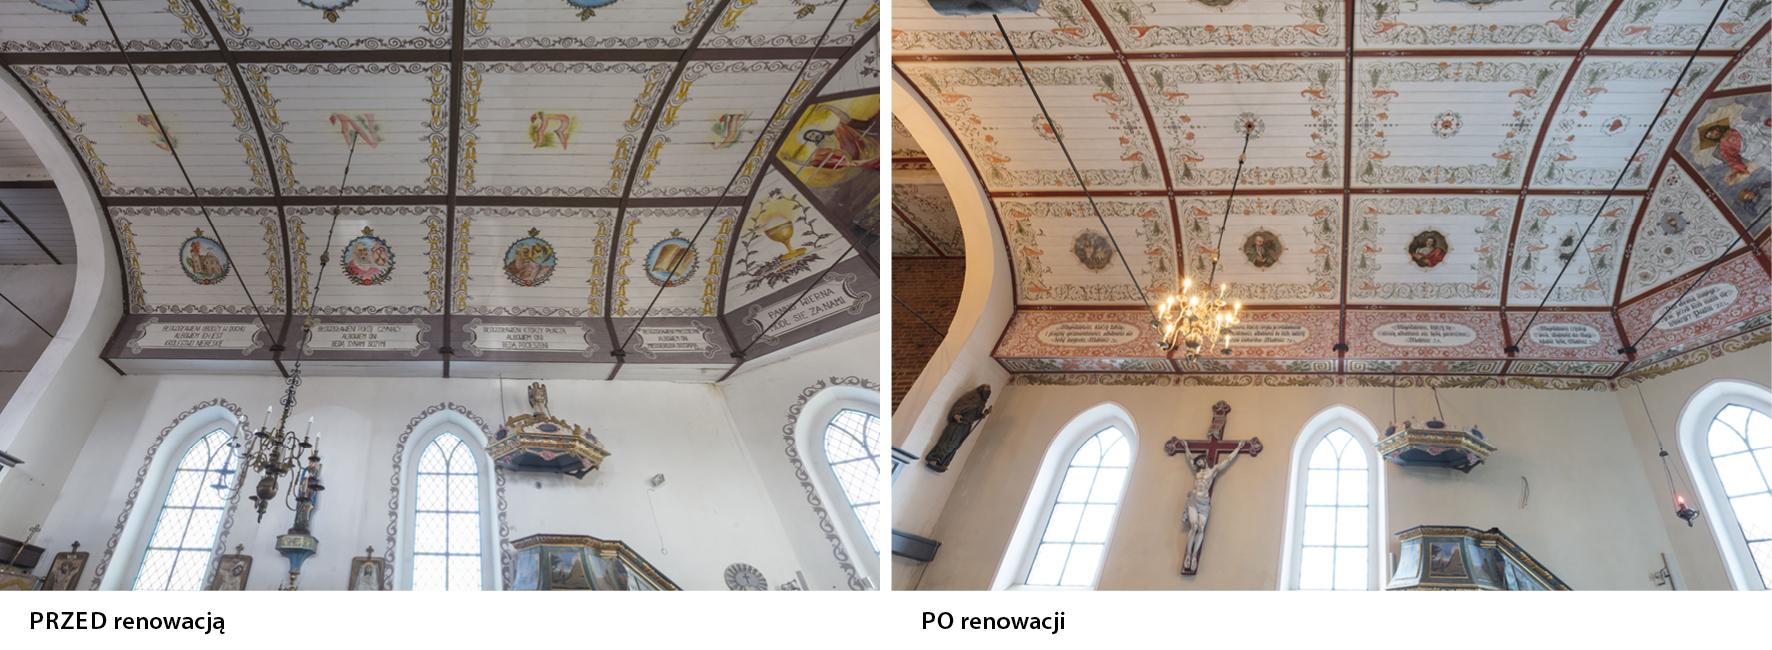 przed_po_renowacji_1920